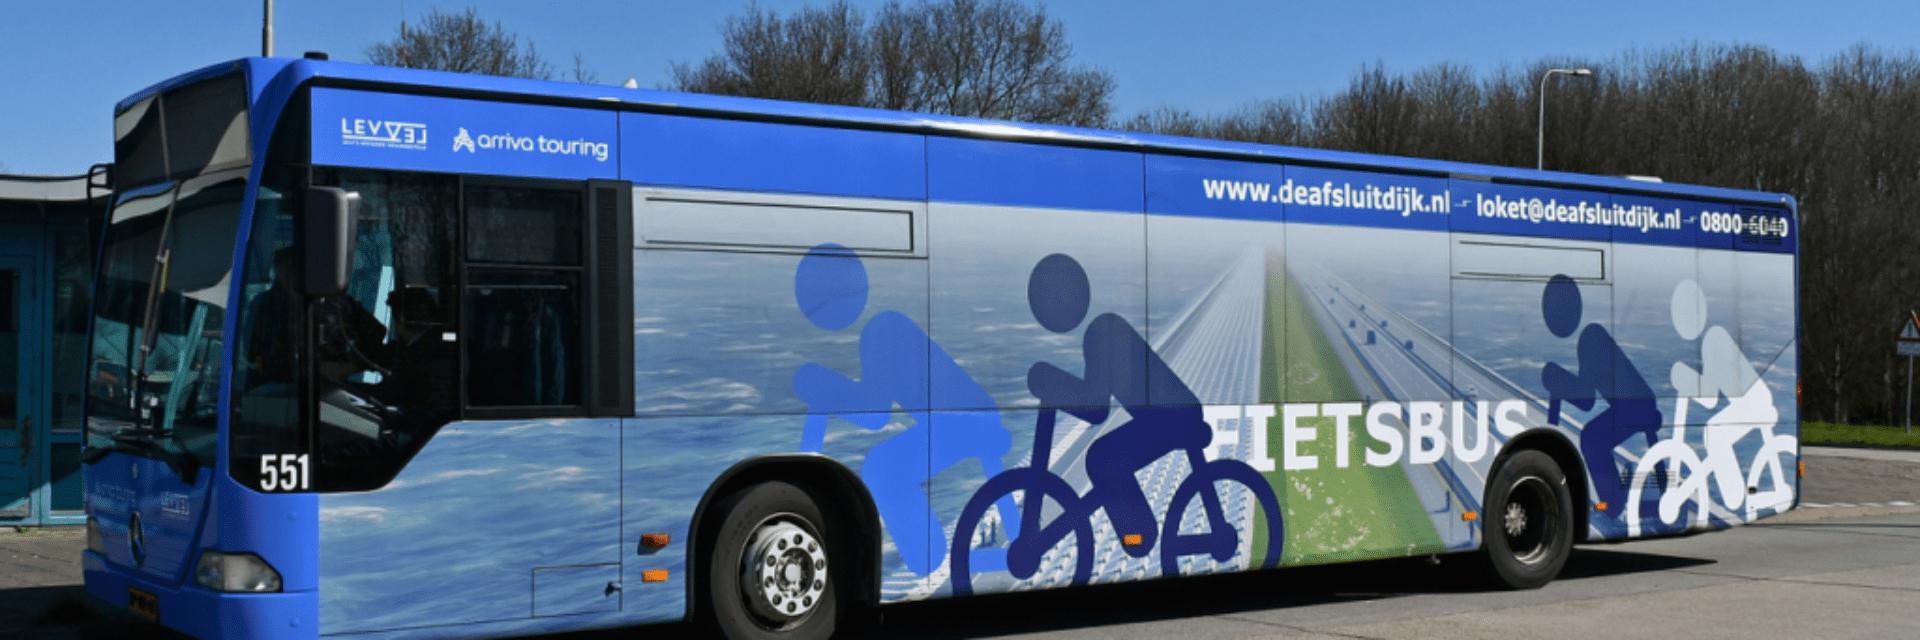 Op de foto staat een blauwe fietsbus. Op de bus staat een tekening van drie fietsers en een afbeelding van de Afsluitdijk.